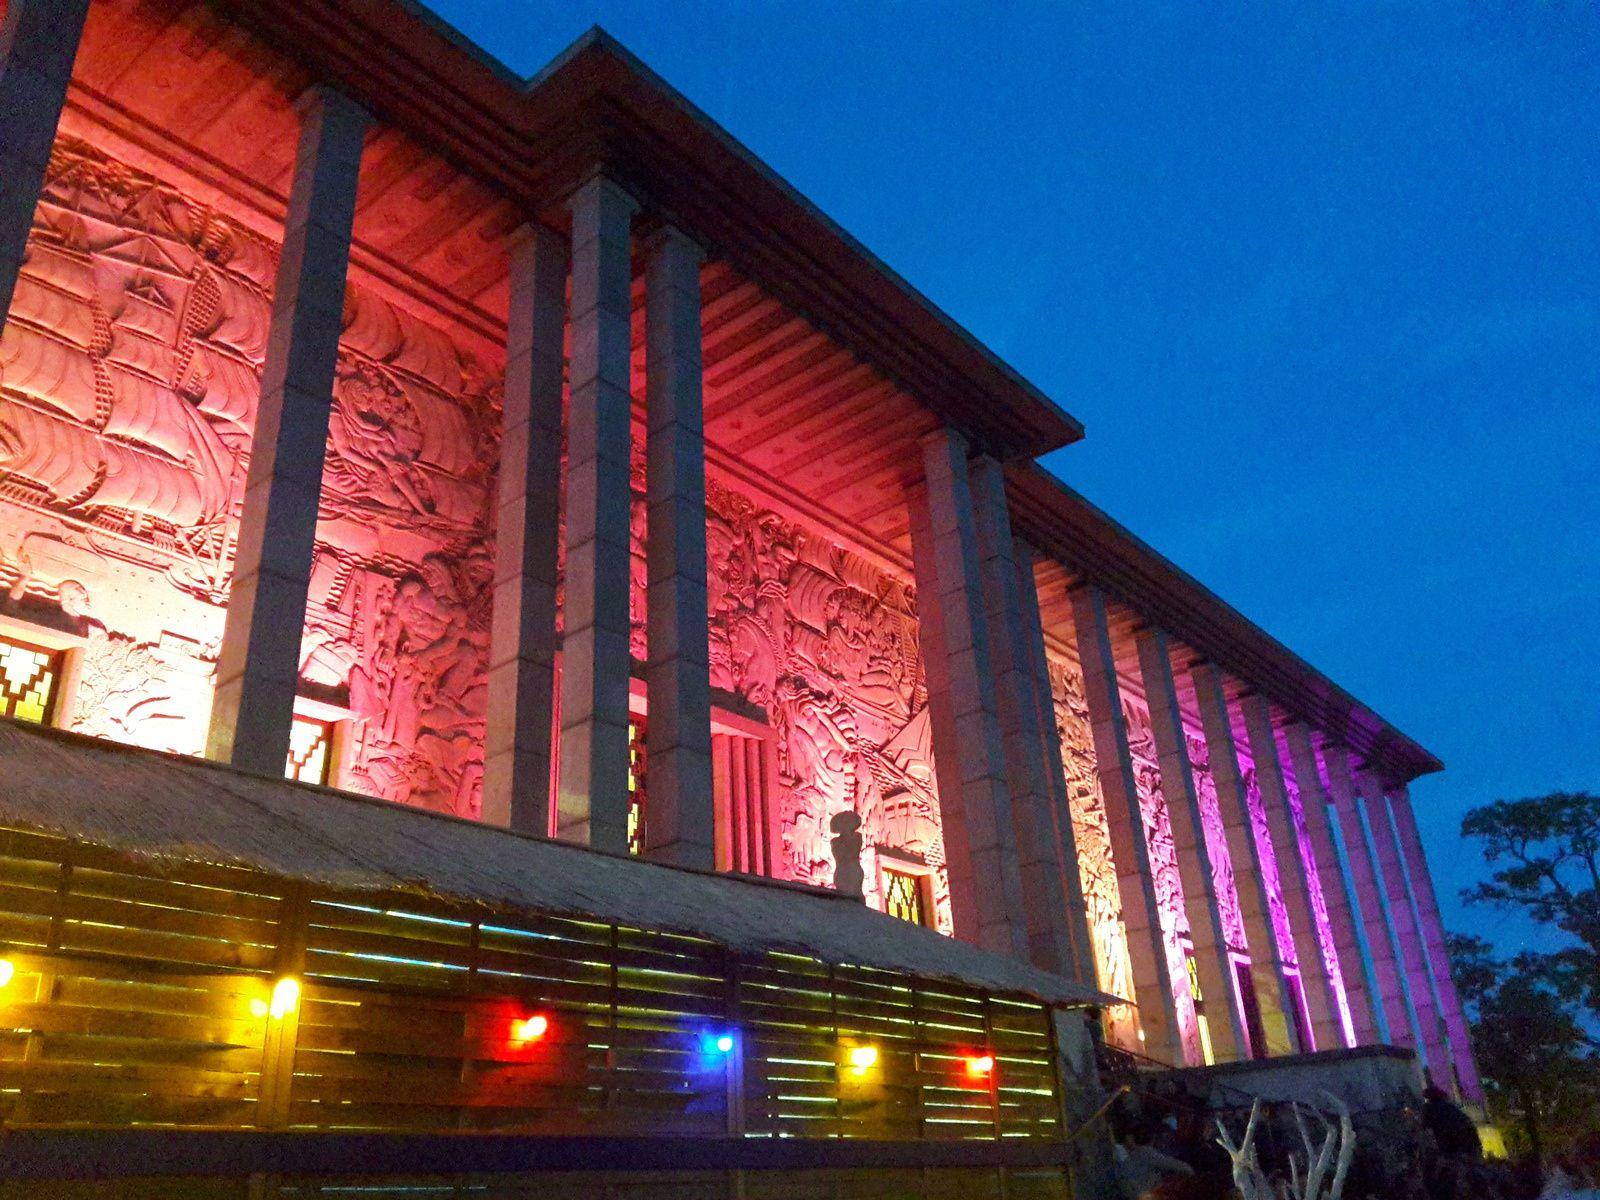 Palais de la porte dorée à Paris - Palazzo terrasse éphémère - Art déco - le blog d'Akialam